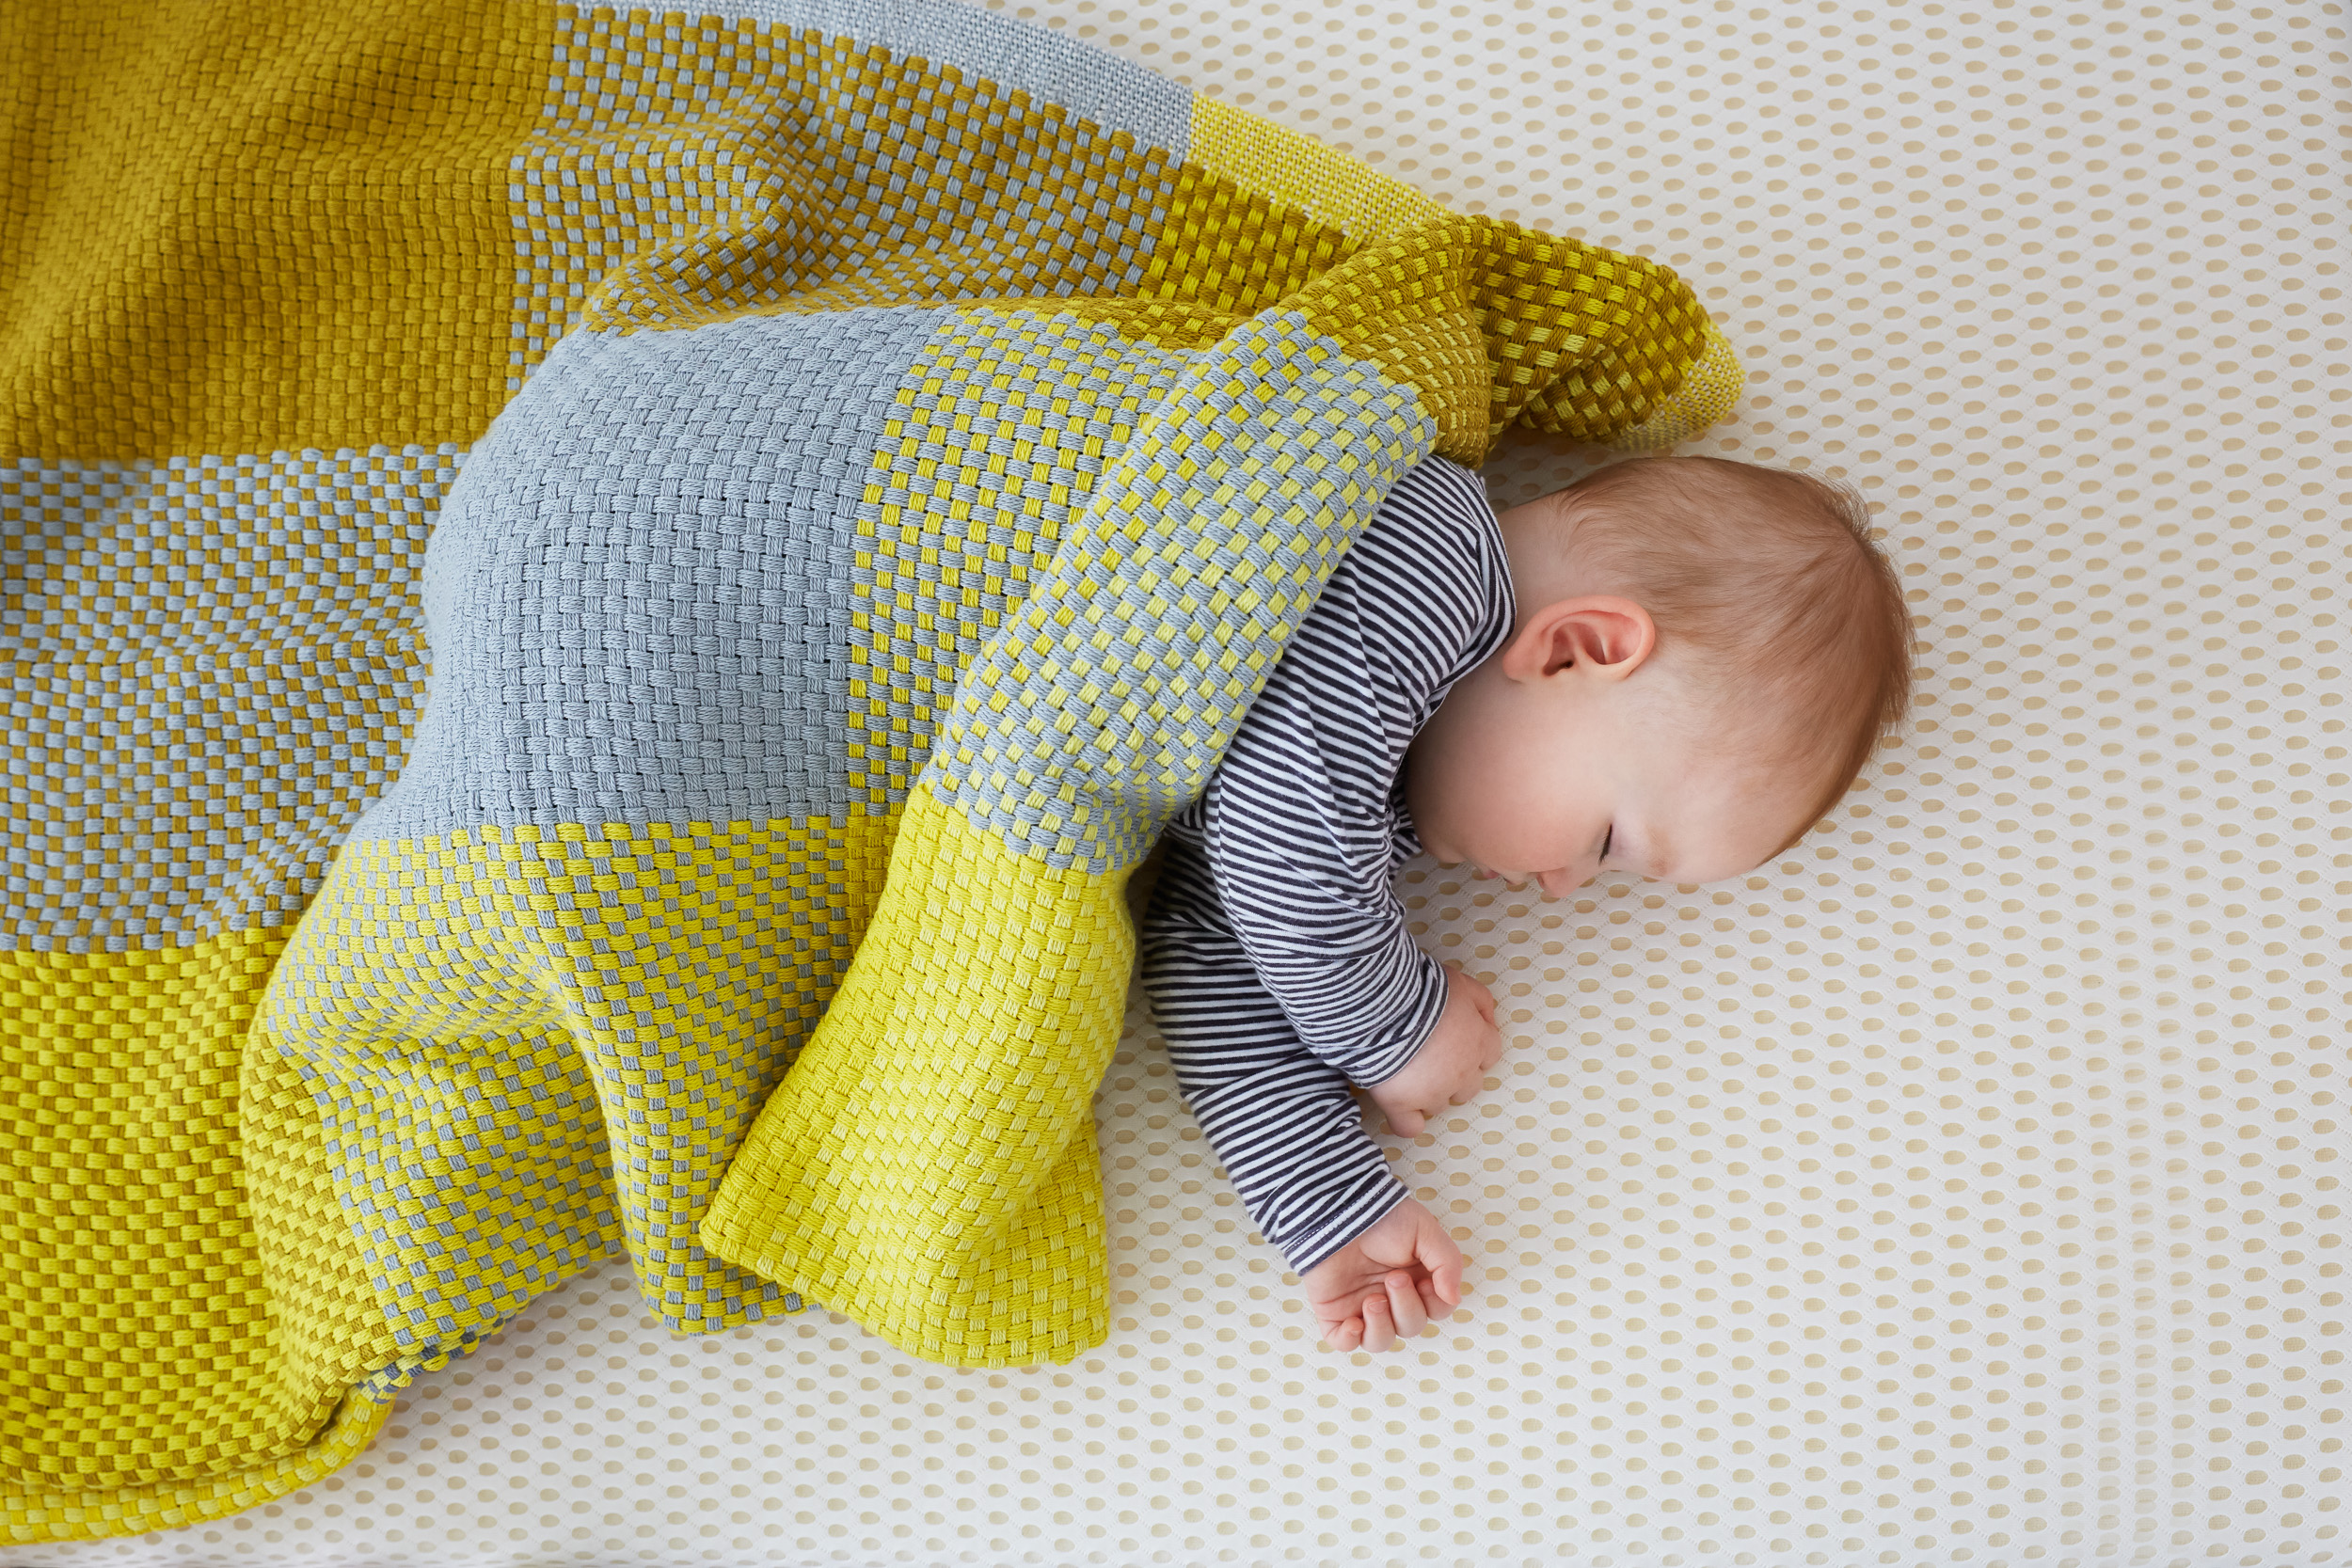 Sarah_anderson_photography_Aerobu_baby_mattress_baby_close_up_sleeping